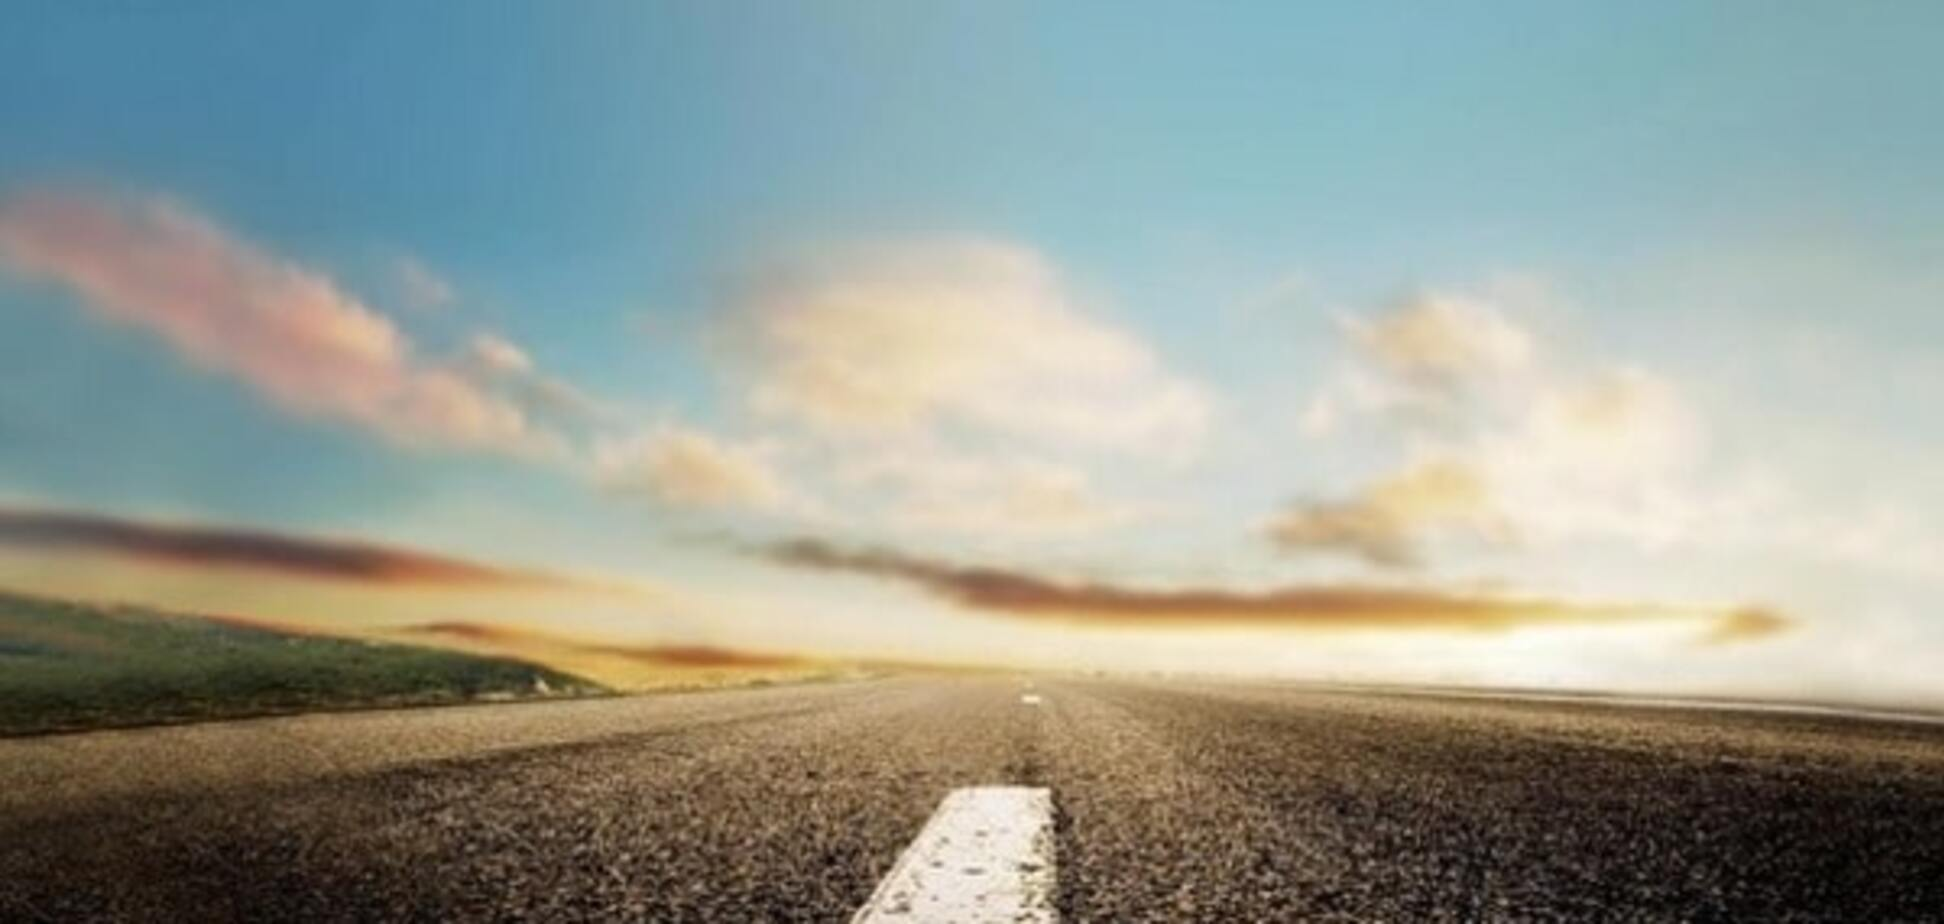 Компания 'Альтком' выиграла тендер на восстановление дороги в Ираке